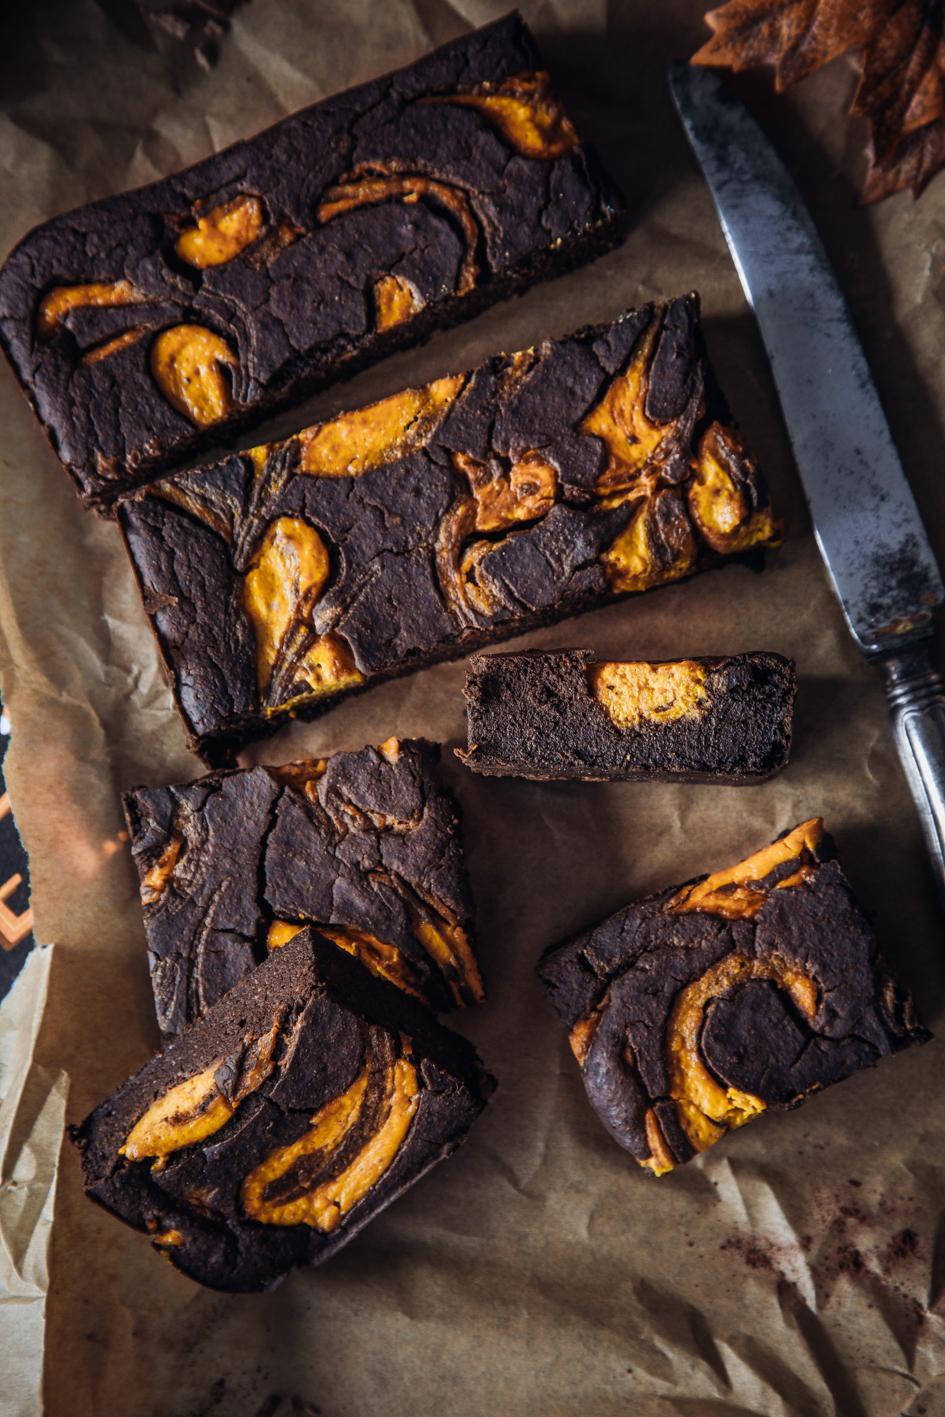 Angeschnittene Kürbis-Brownies mit Messer auf Backpapier